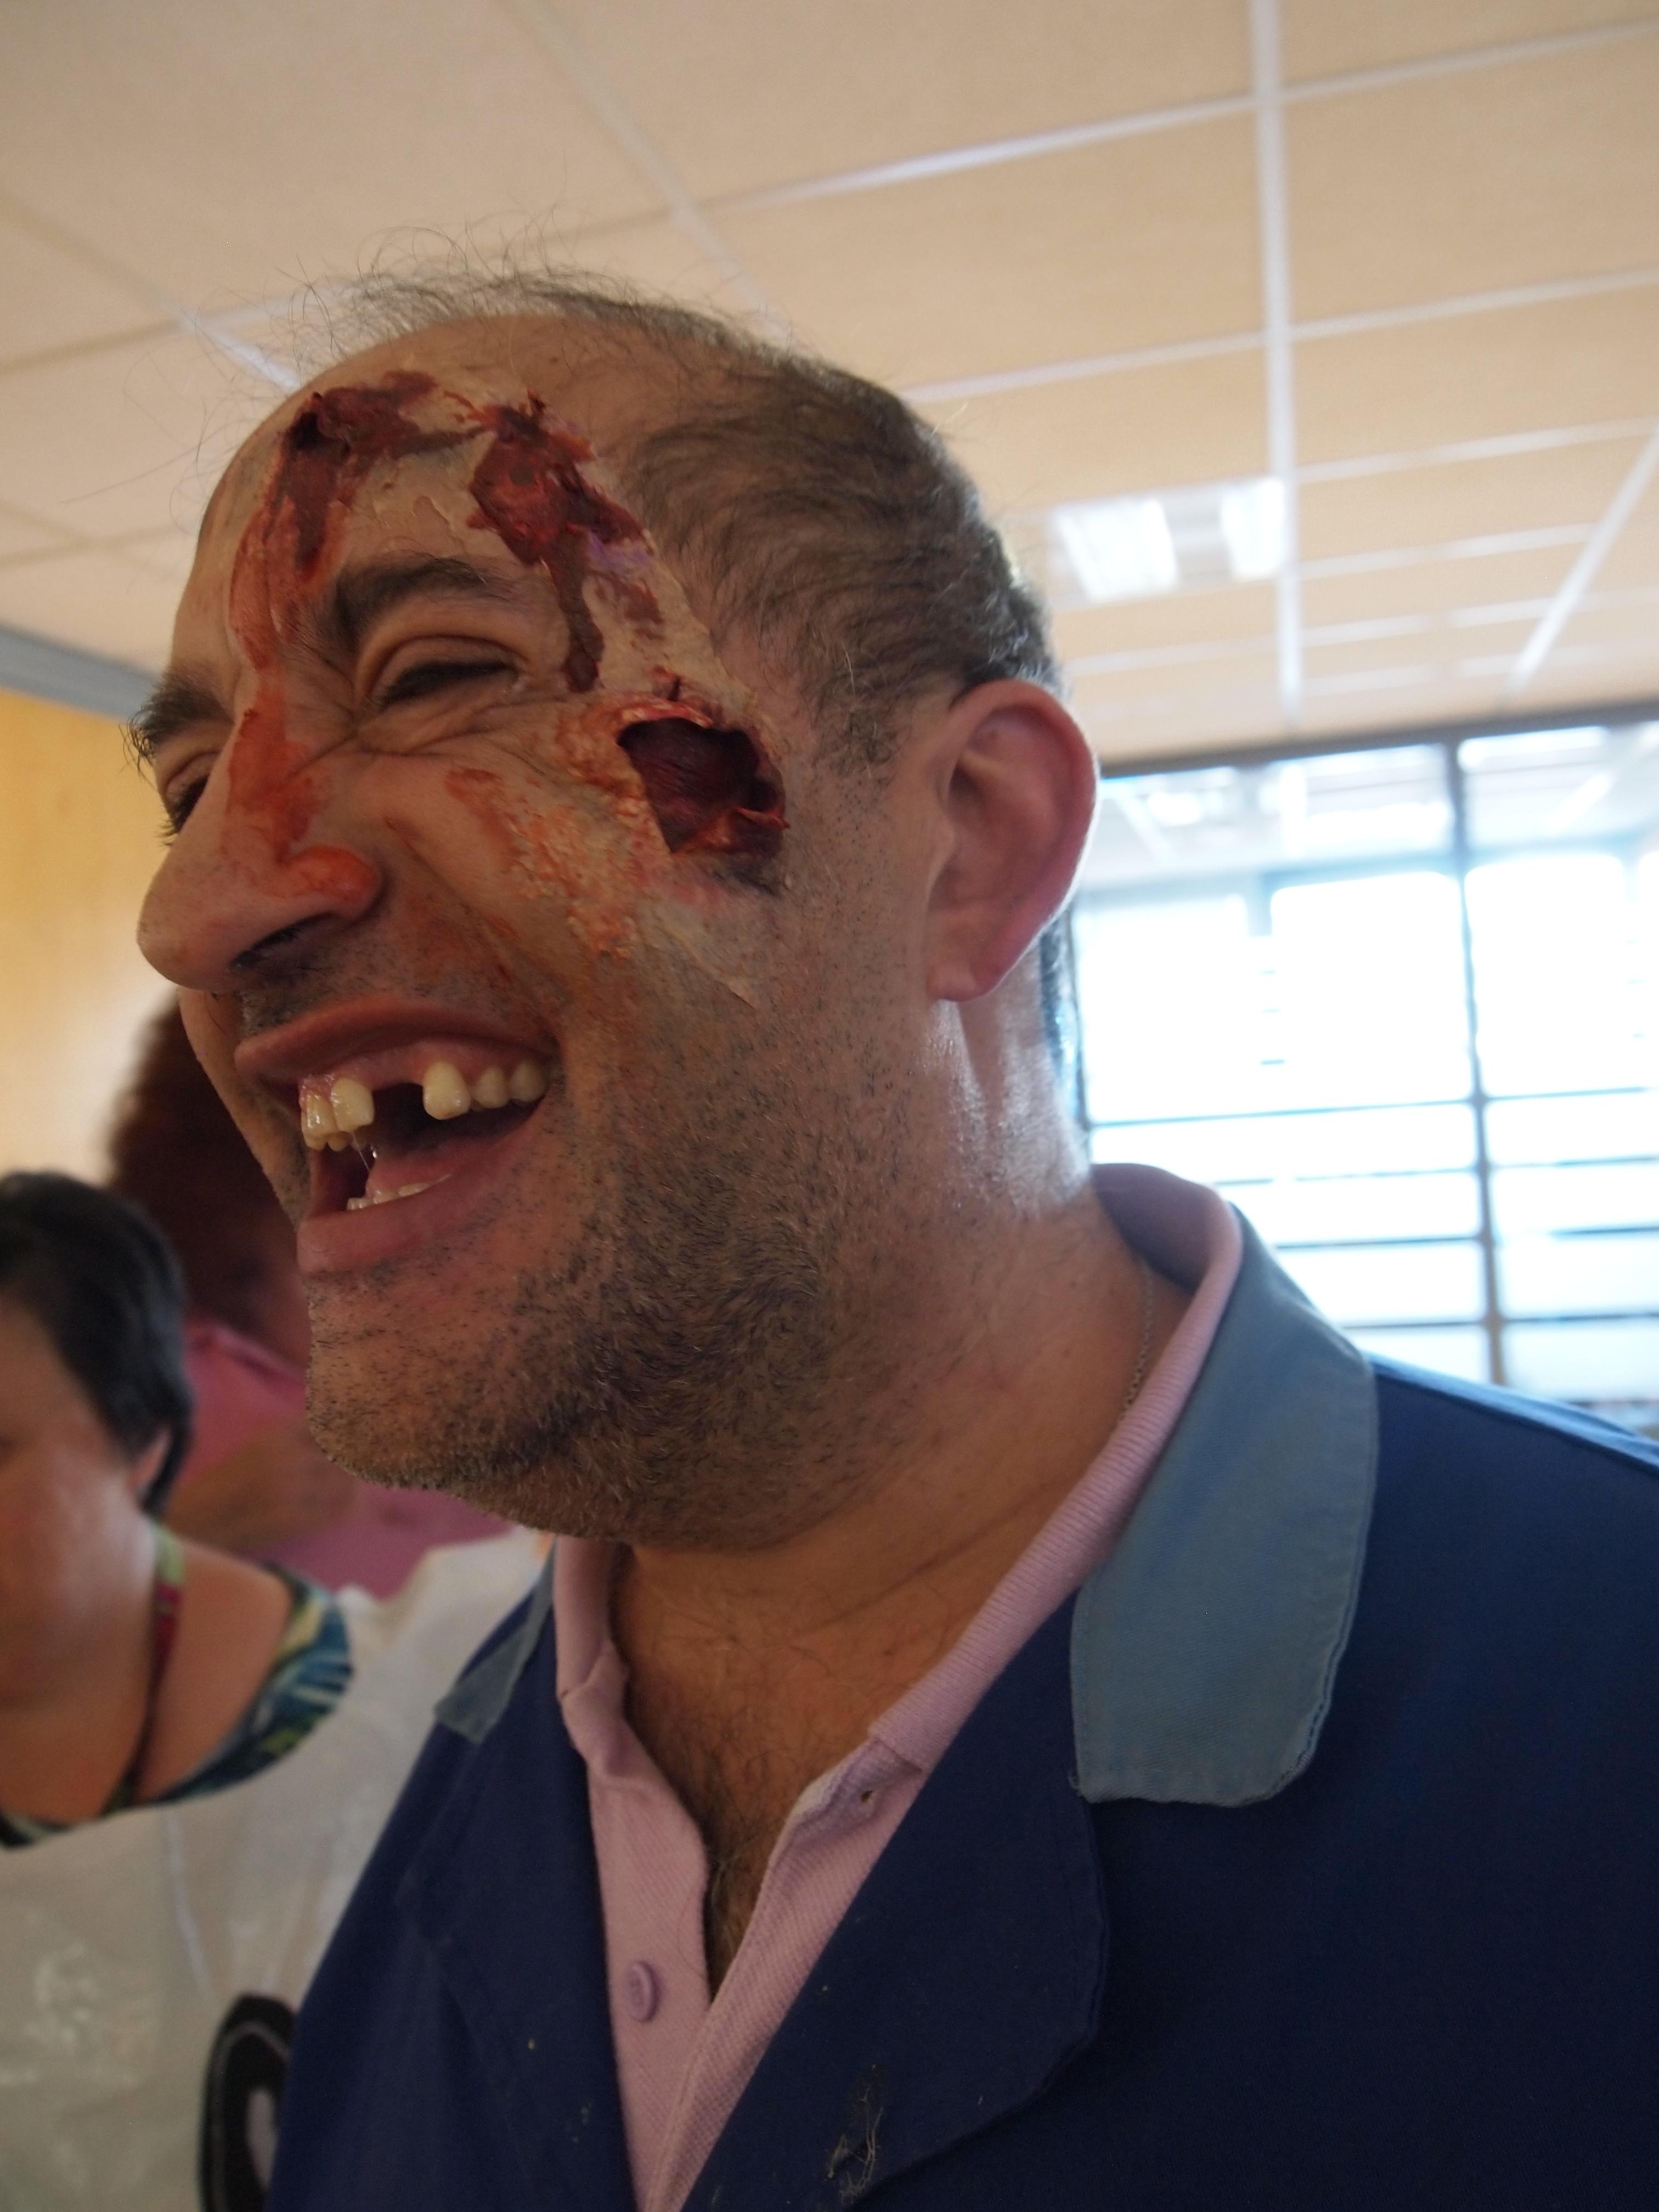 Manolo zombie - Maquillaje de las manos de Aaron - ambos del Centro Ocupacional USOA.